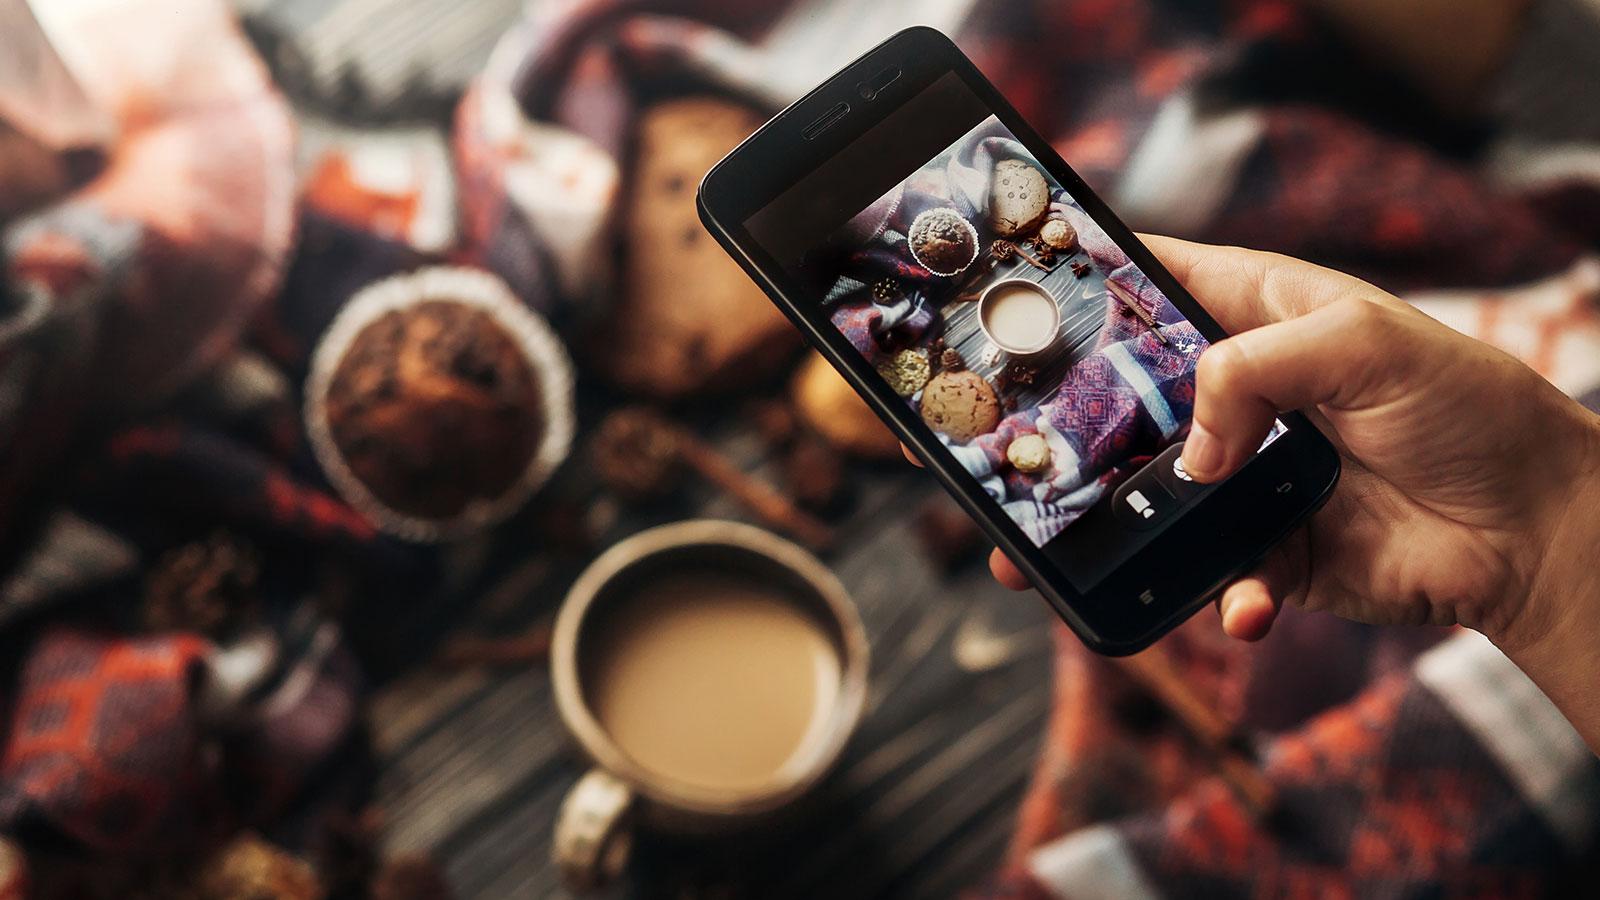 Instagramで人気投稿になるハッシュタグの効果的な付け方・選び方を徹底解説